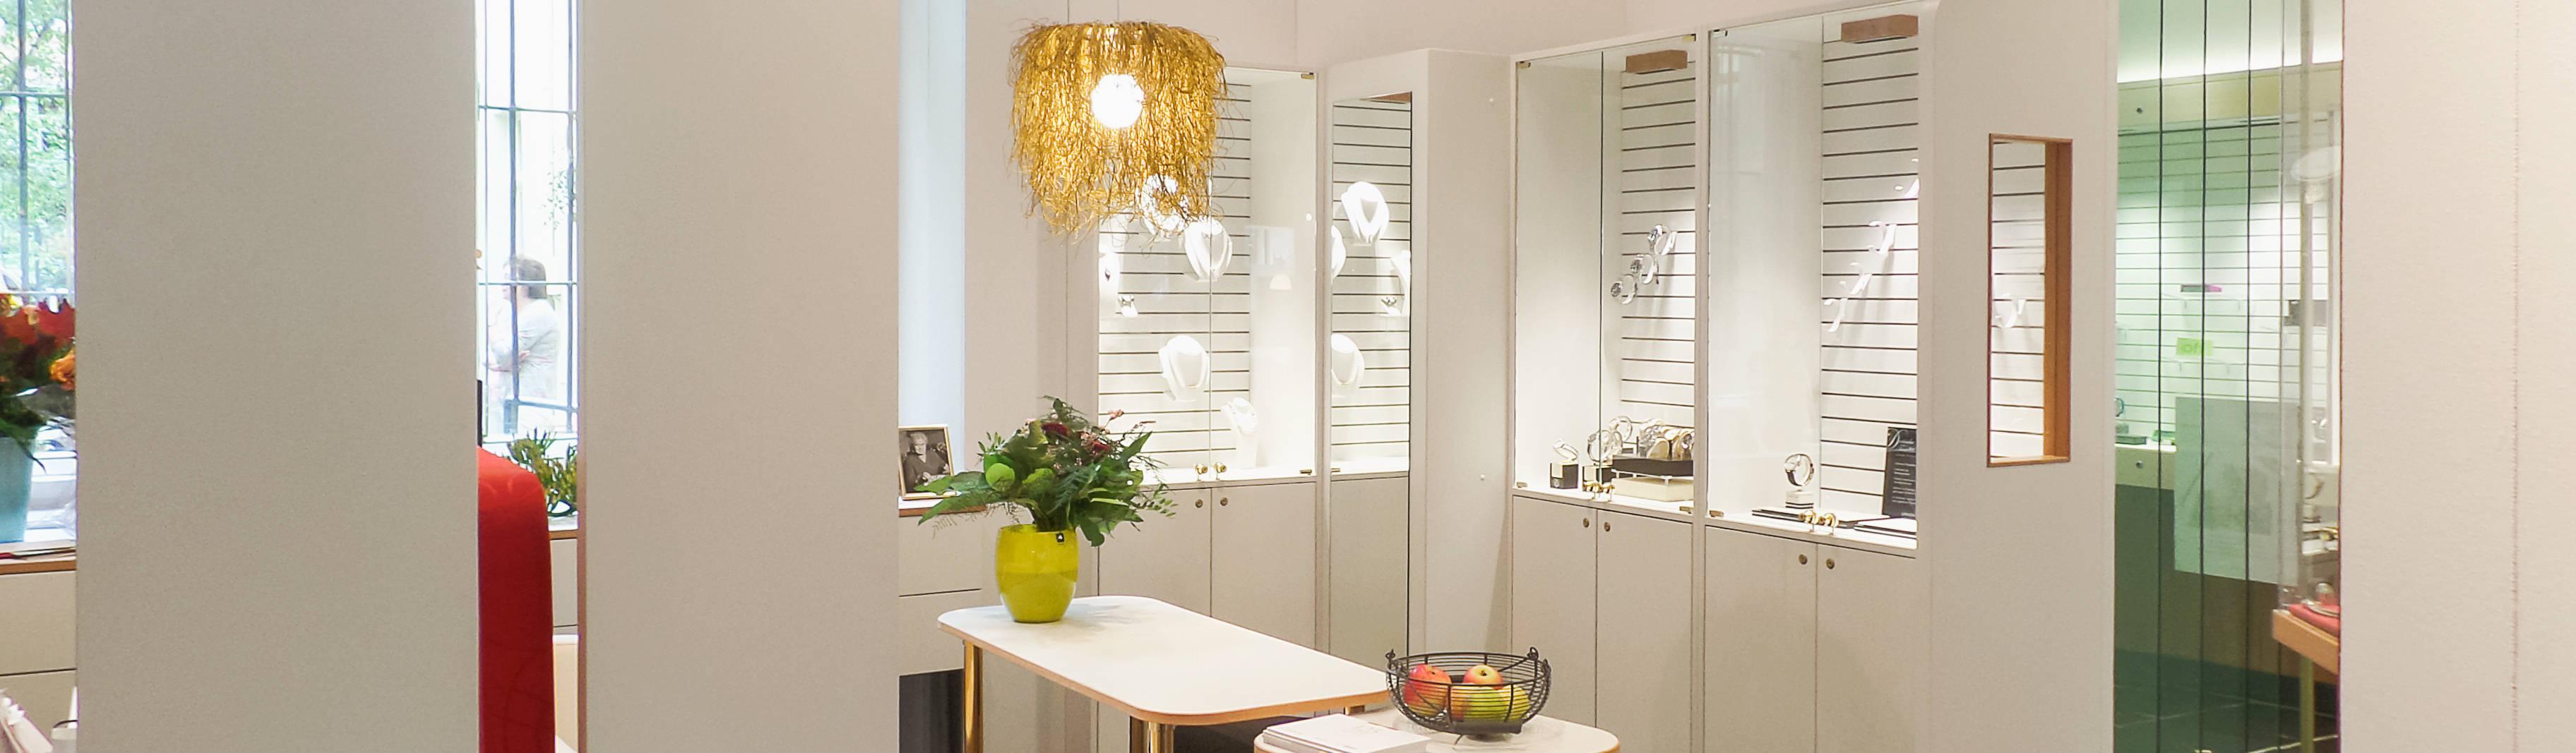 jugendzimmer von cathrin b sse innenarchitektur homify. Black Bedroom Furniture Sets. Home Design Ideas